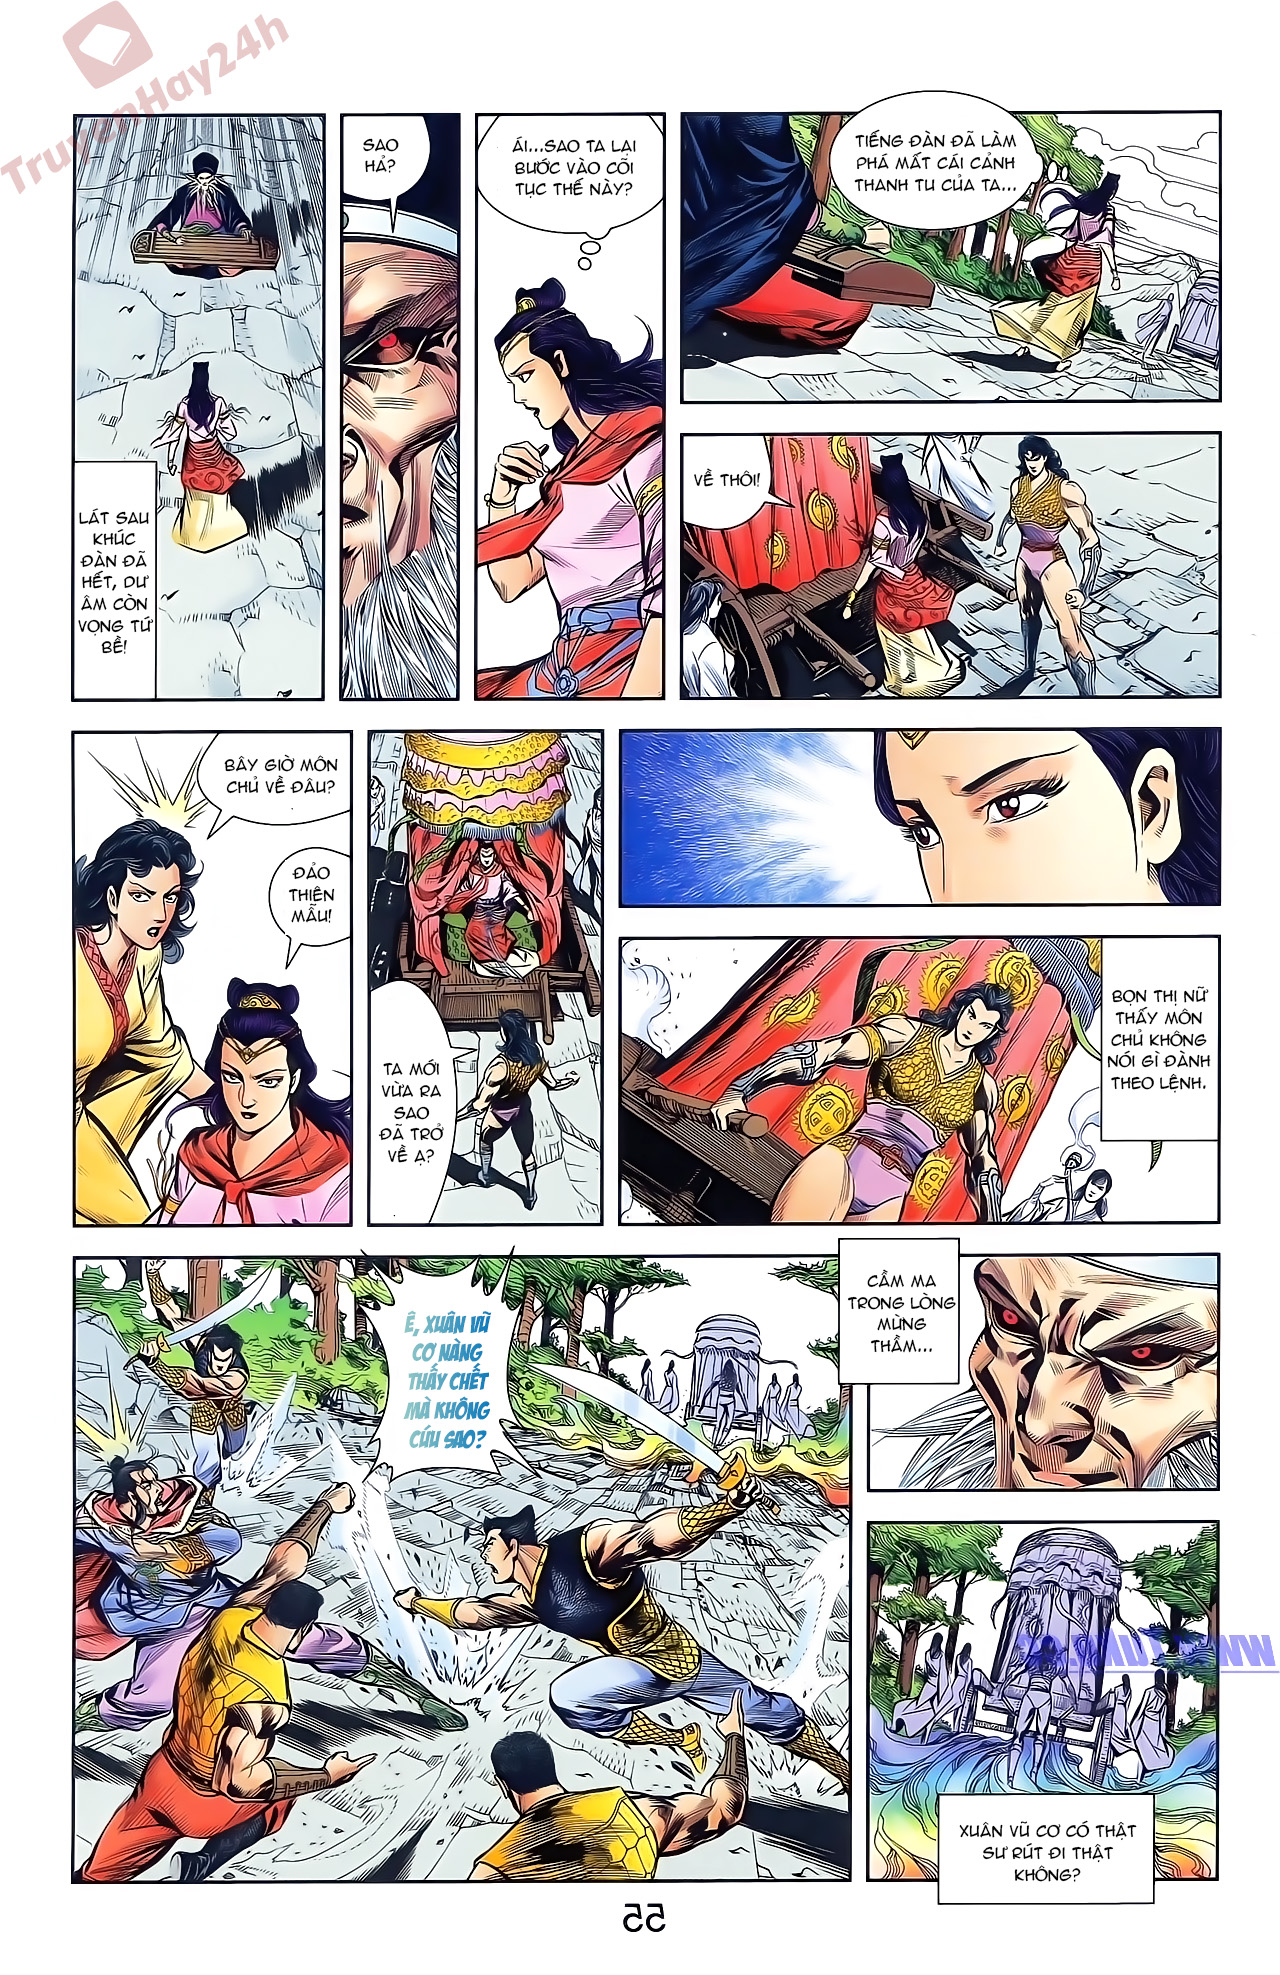 Tần Vương Doanh Chính chapter 46 trang 21